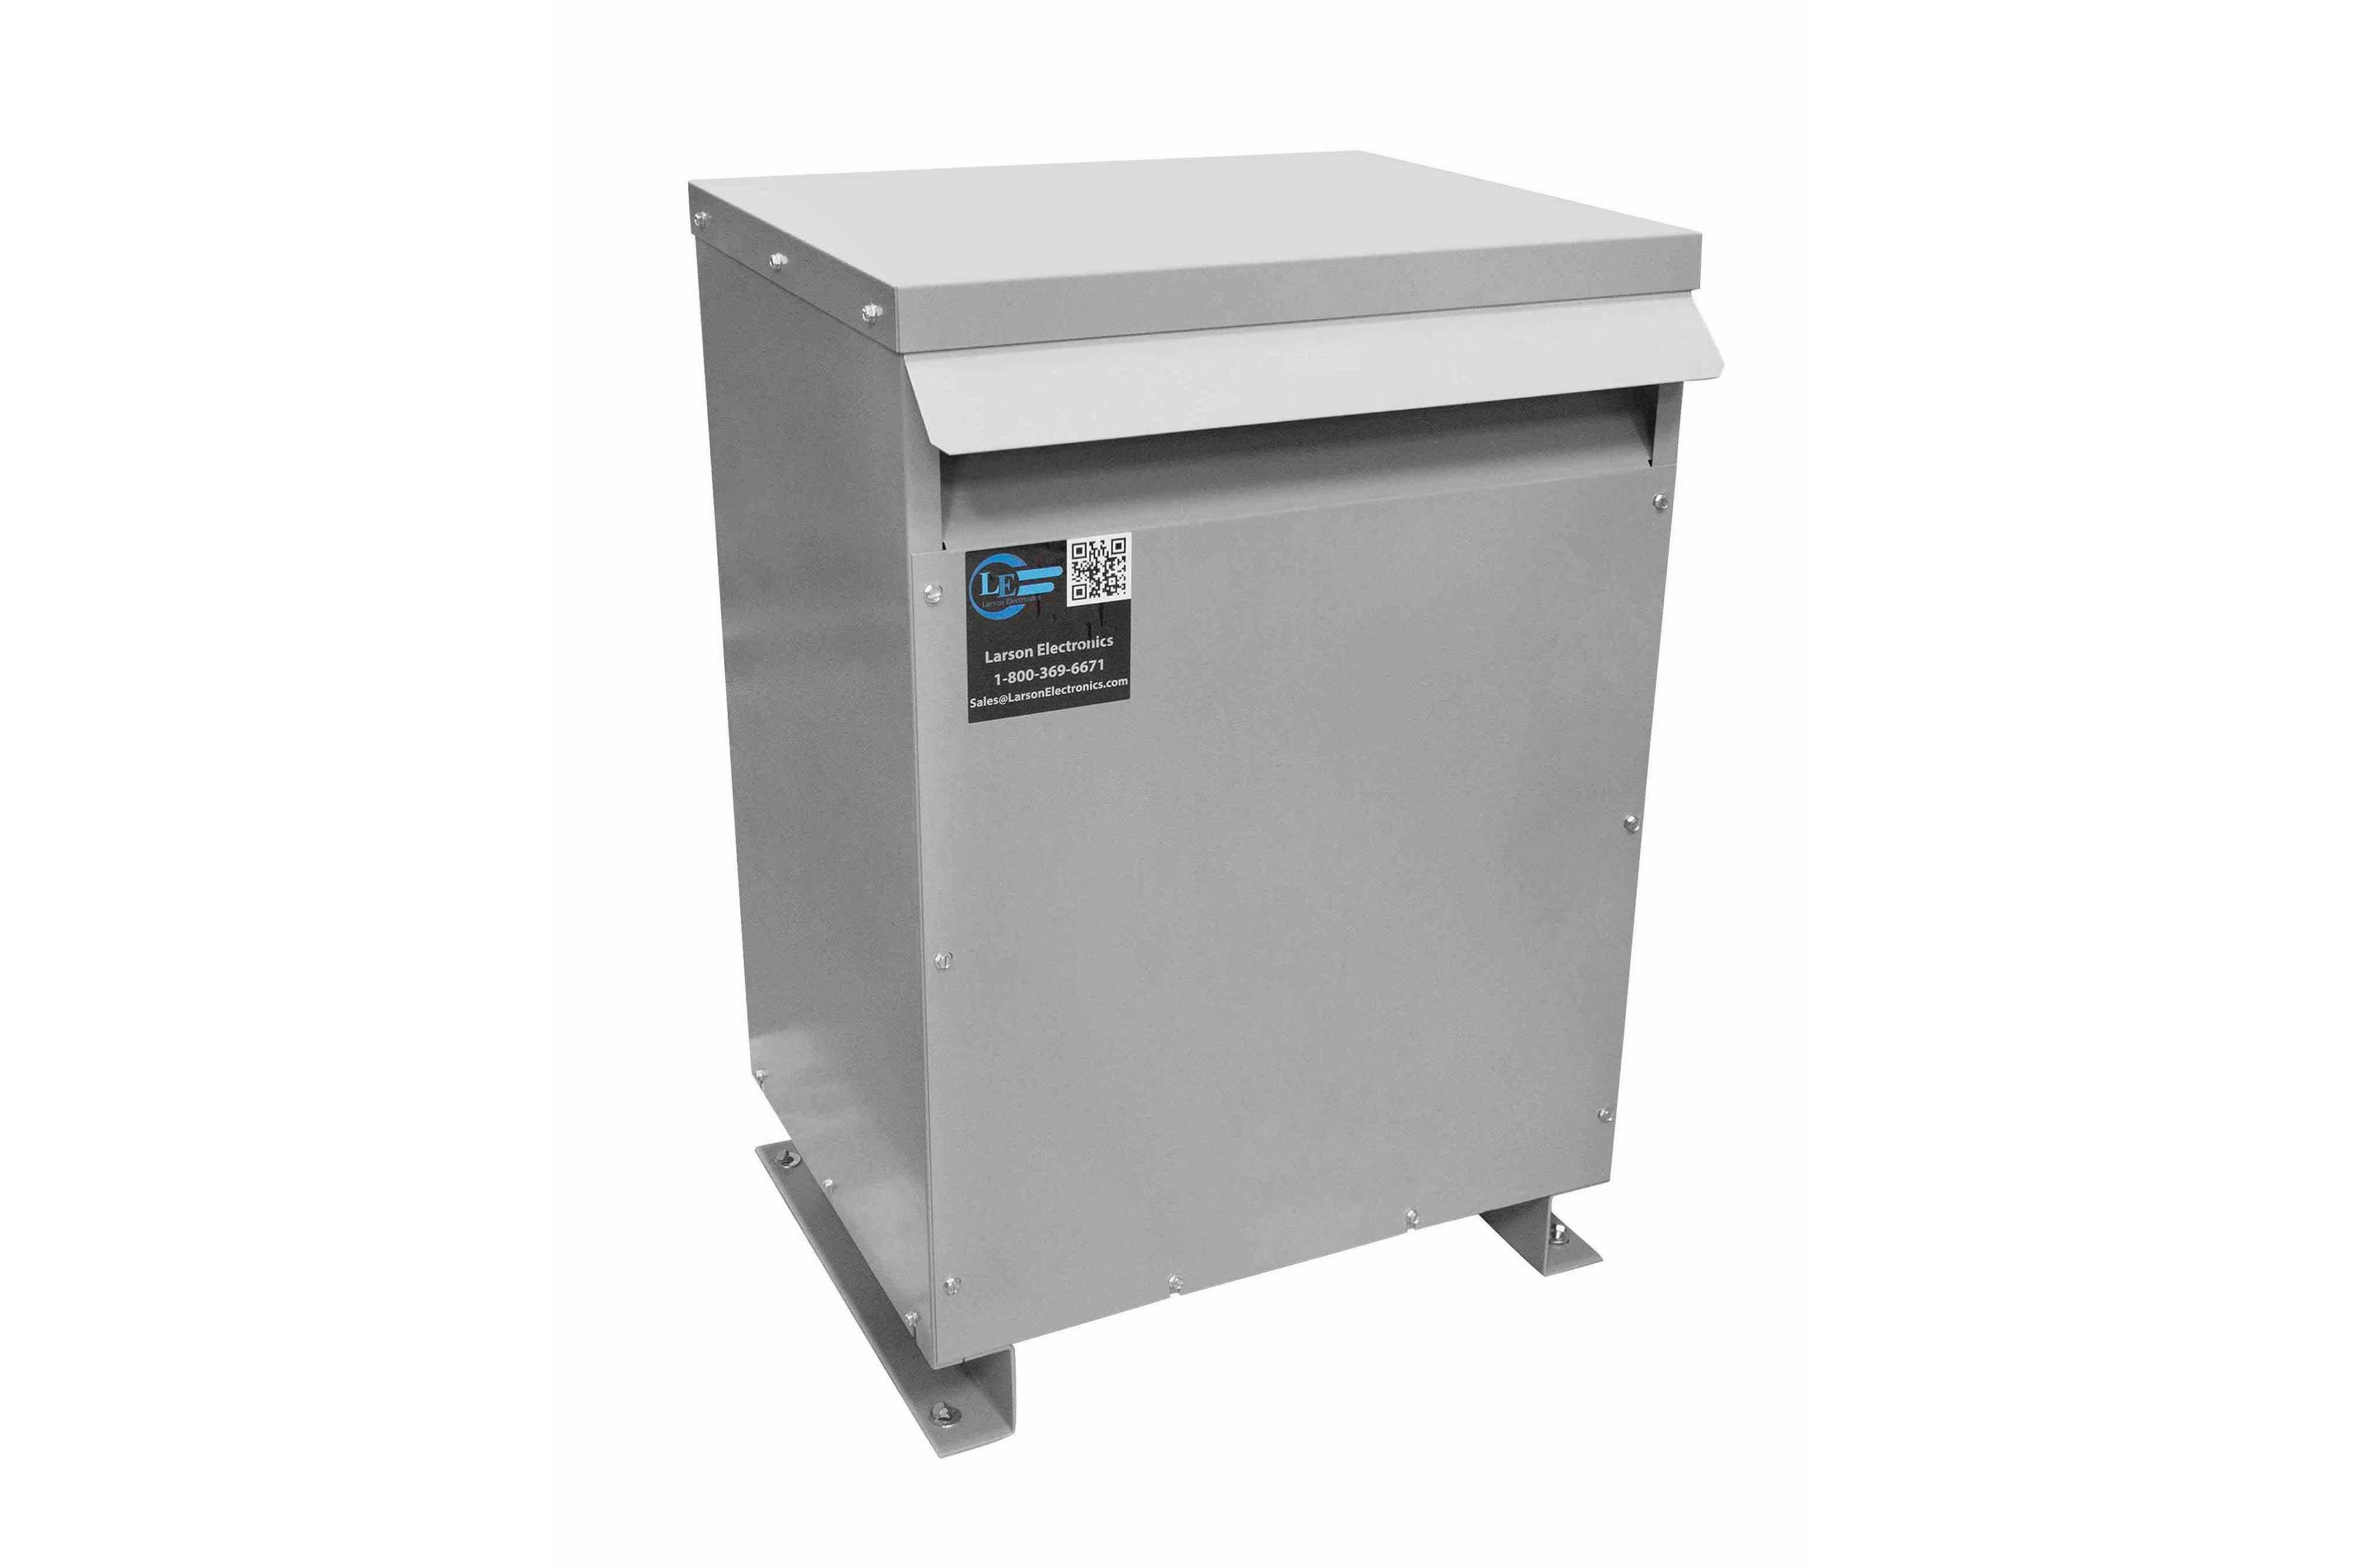 150 kVA 3PH Isolation Transformer, 460V Delta Primary, 575V Delta Secondary, N3R, Ventilated, 60 Hz